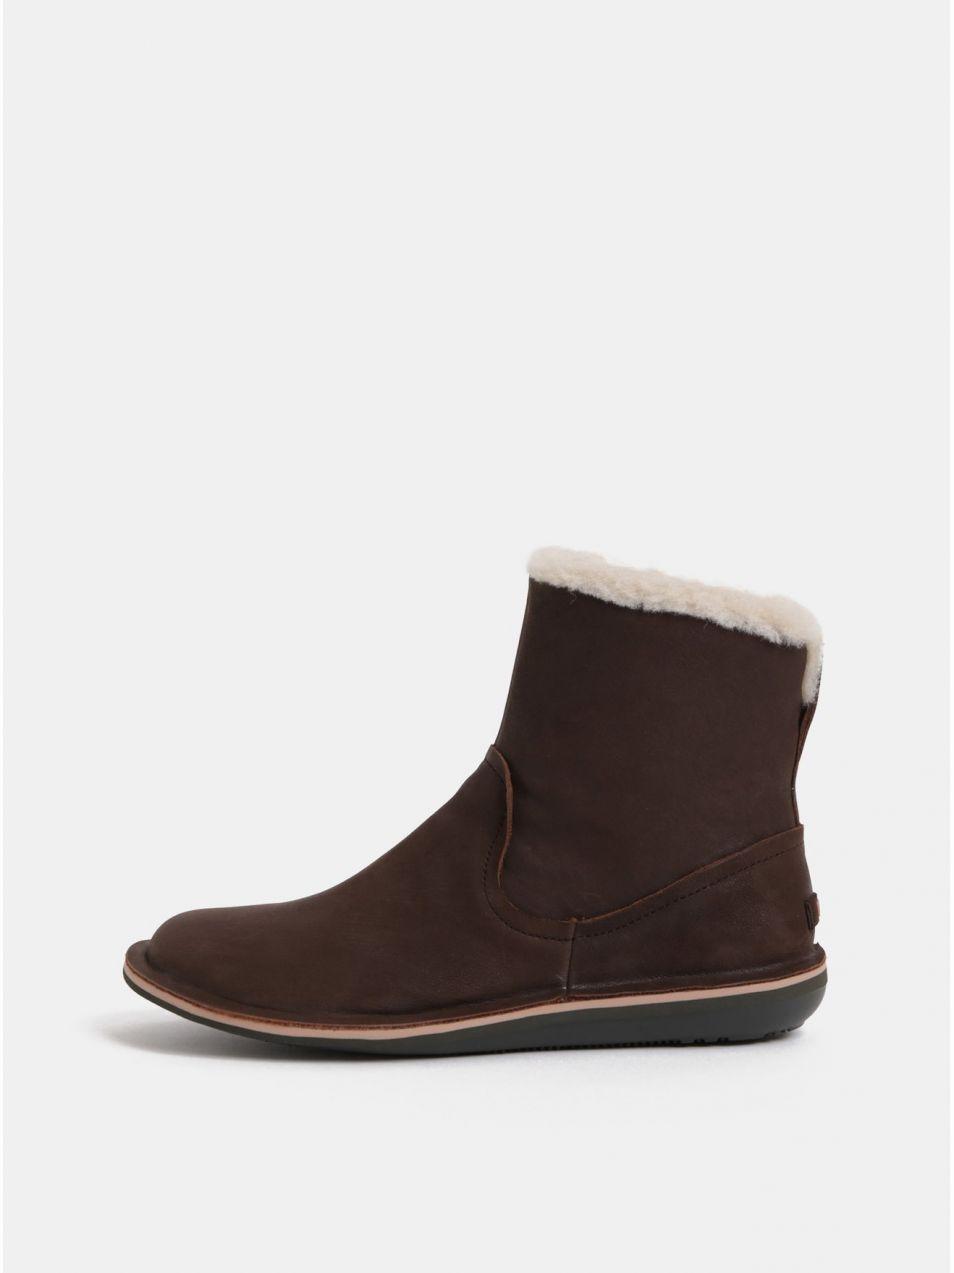 1aa2db69dc4a5 Hnedé dámske kožené topánky s vnútornou umelou kožušinkou Camper Betle  značky Camper - Lovely.sk